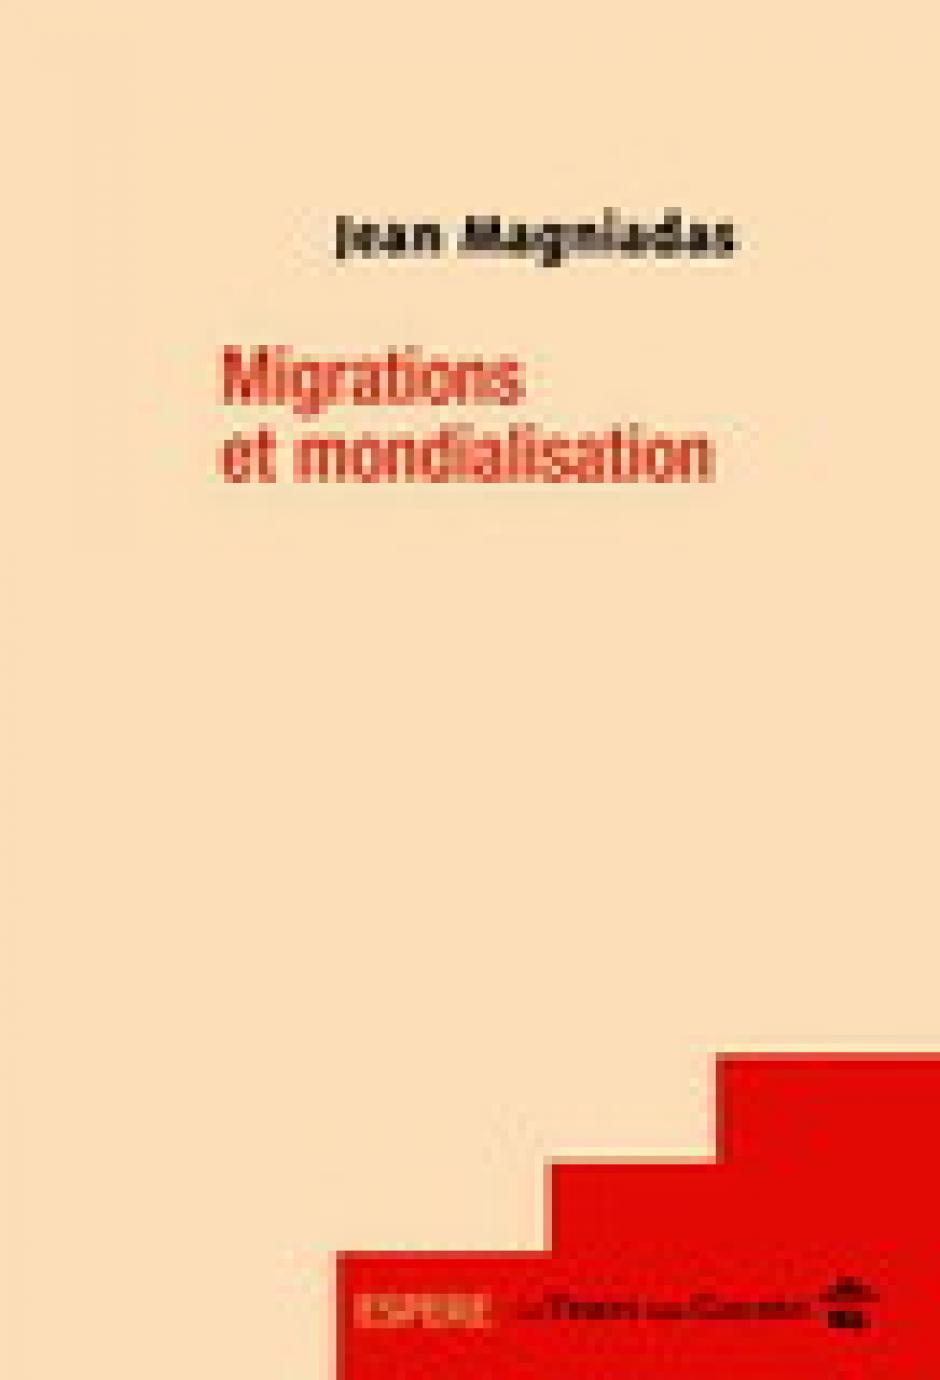 Migrations et mondialisation - Jean Magniadas